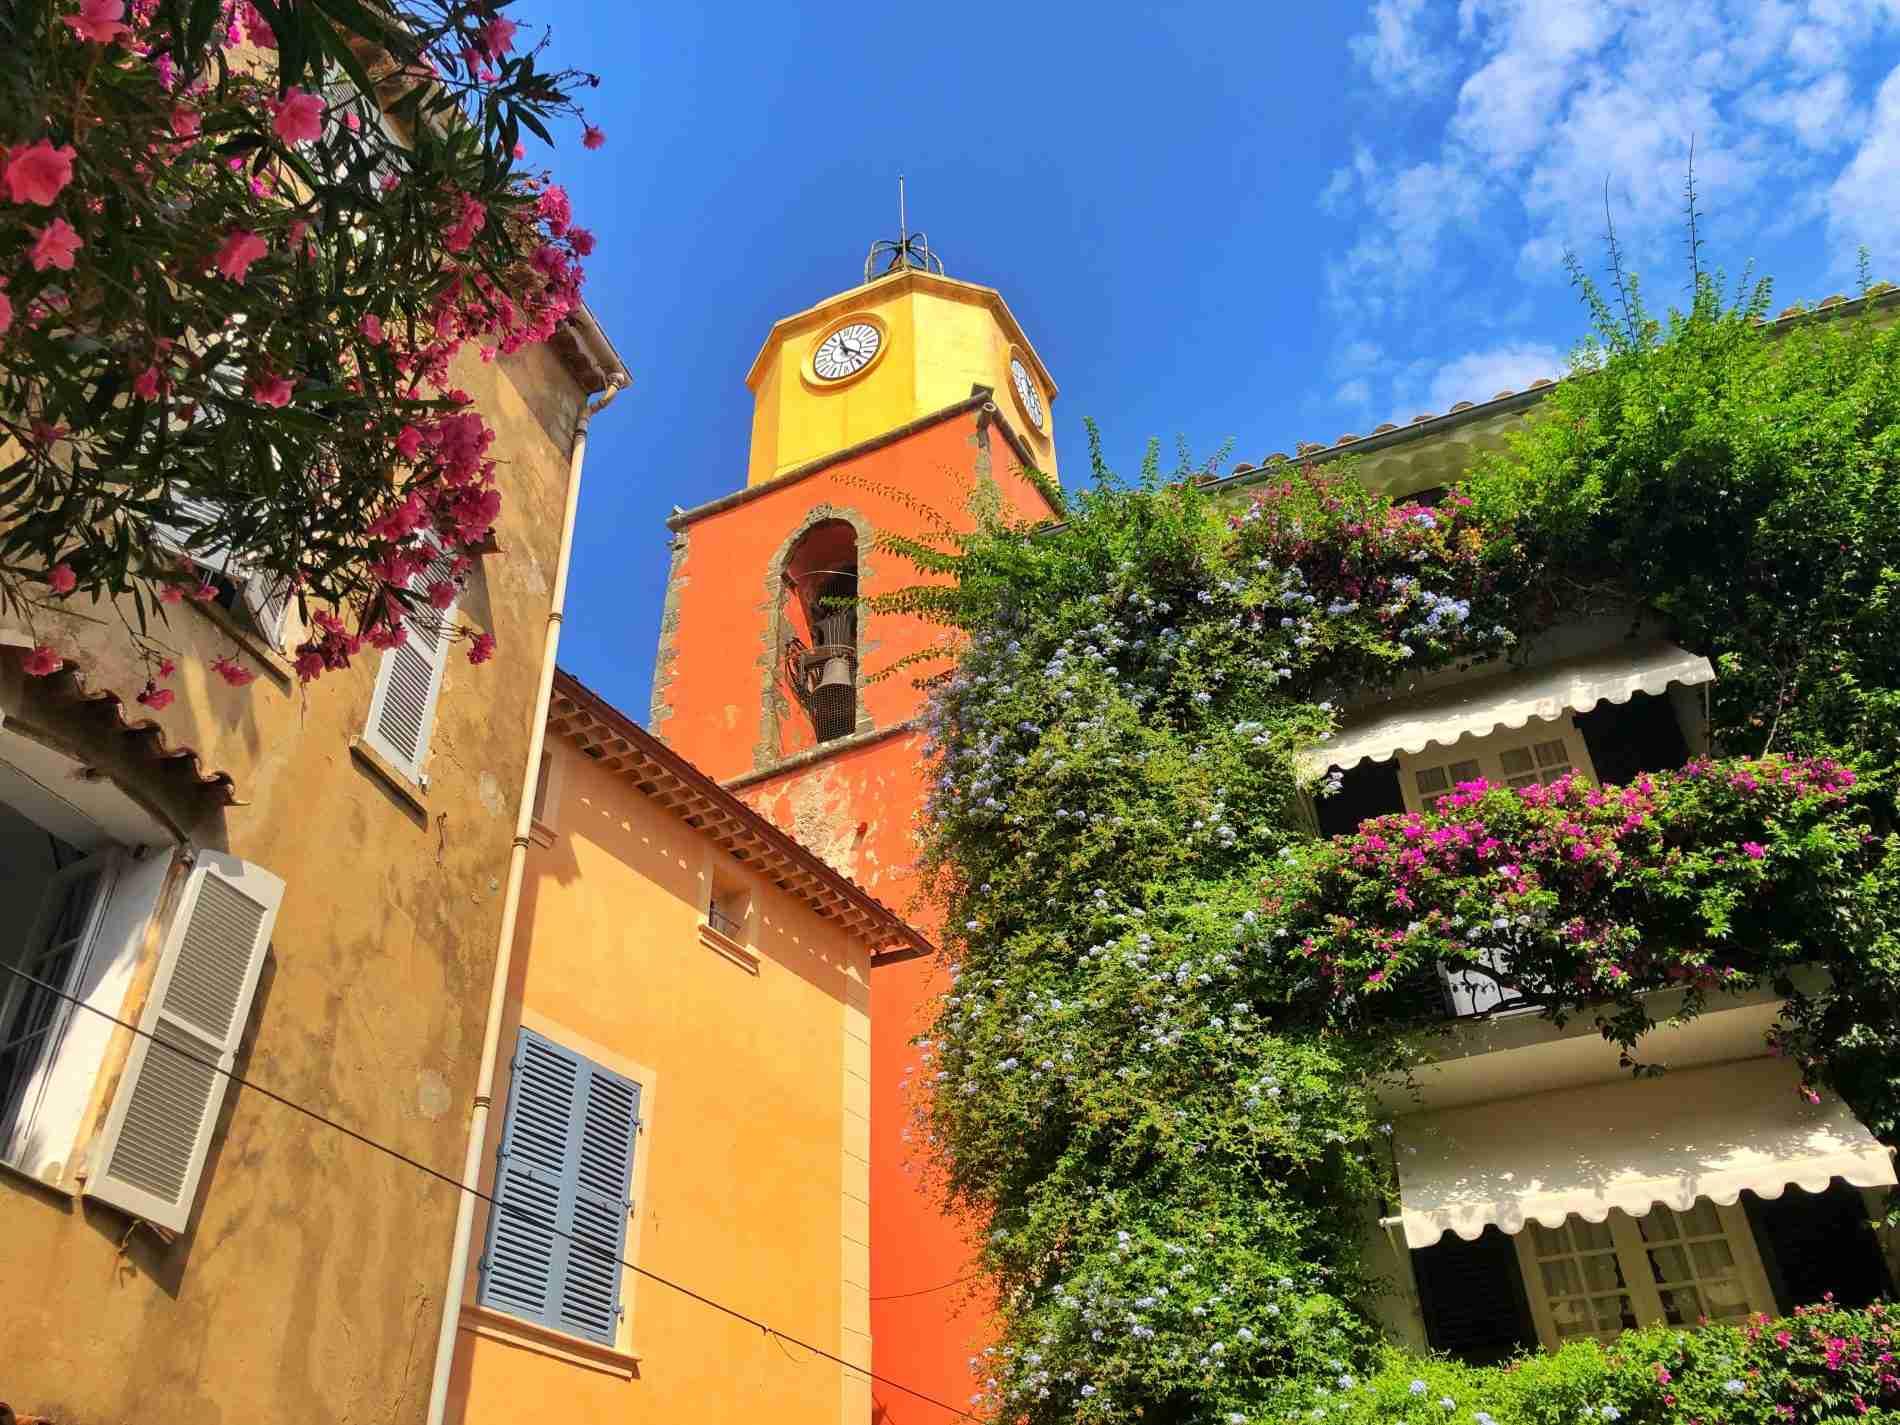 Eglise de Saint Tropez